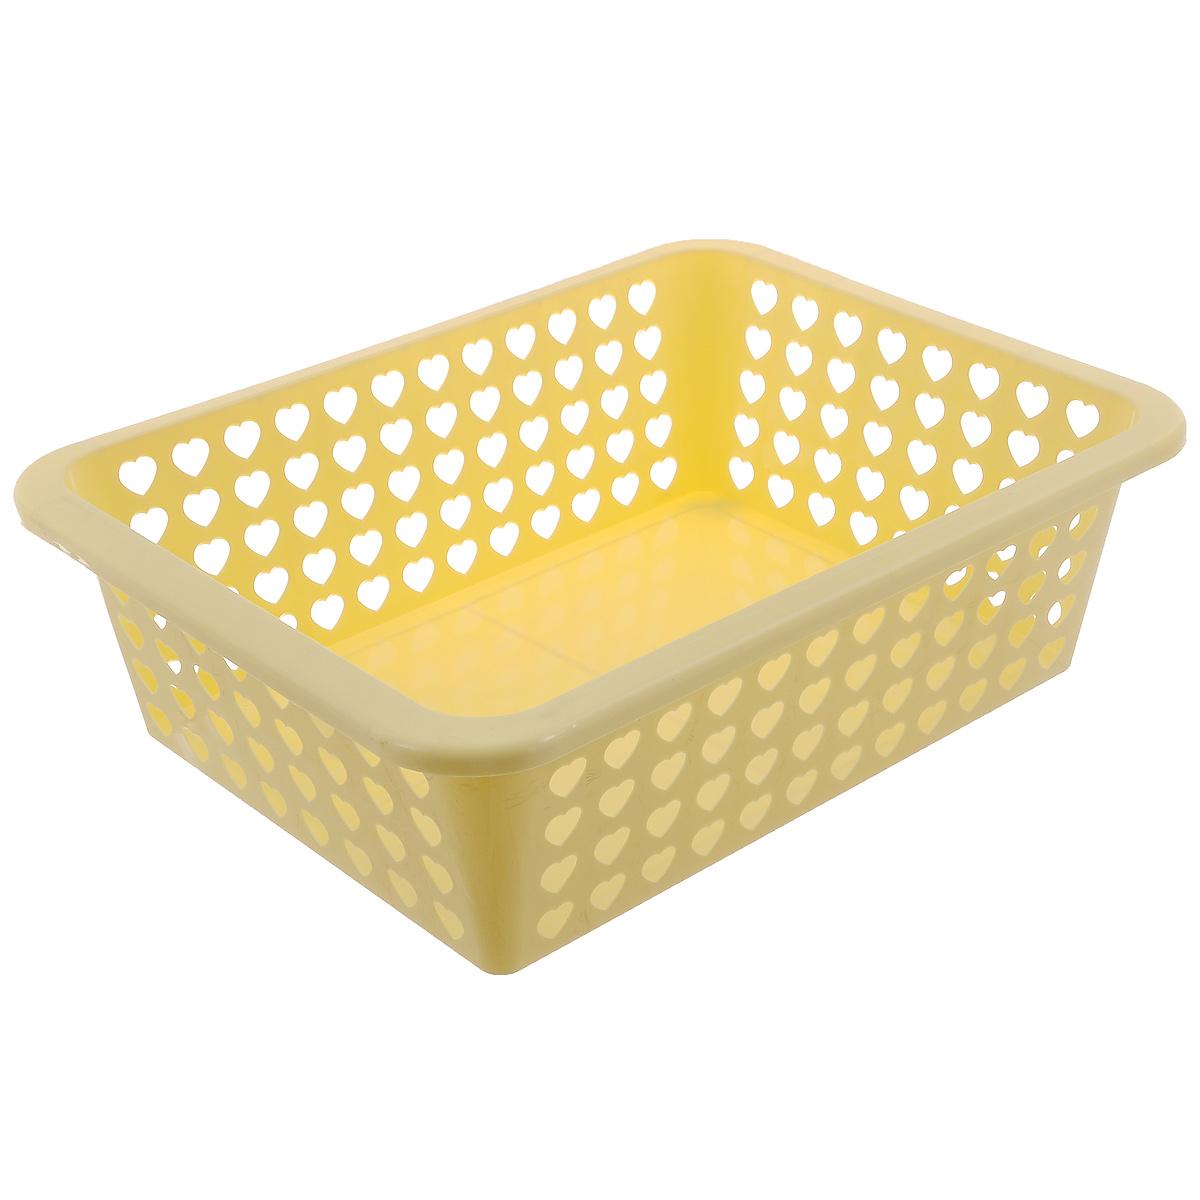 """Корзина Альтернатива """"Вдохновение"""" выполнена из пластика и оформлена перфорацией в виде сердечек. Изделие имеет сплошное дно и жесткую кромку. Корзина предназначена для хранения мелочей в ванной, на кухне, на даче или в гараже. Позволяет хранить мелкие вещи, исключая возможность их потери."""